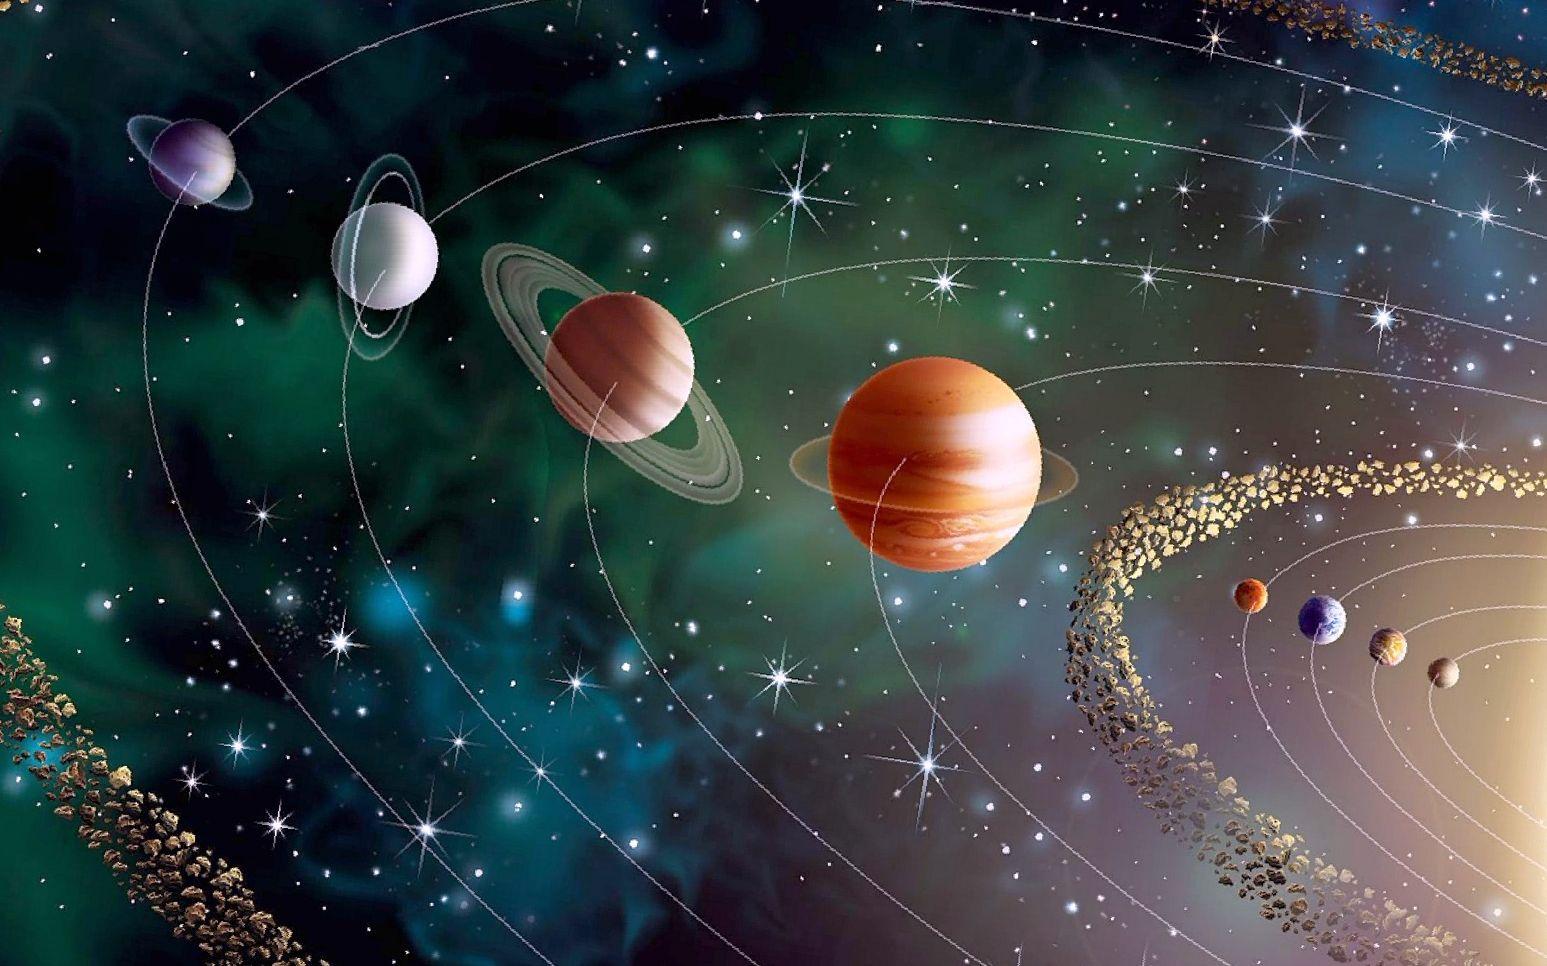 картинки на рабочий стол планеты солнечной системы названия понятно